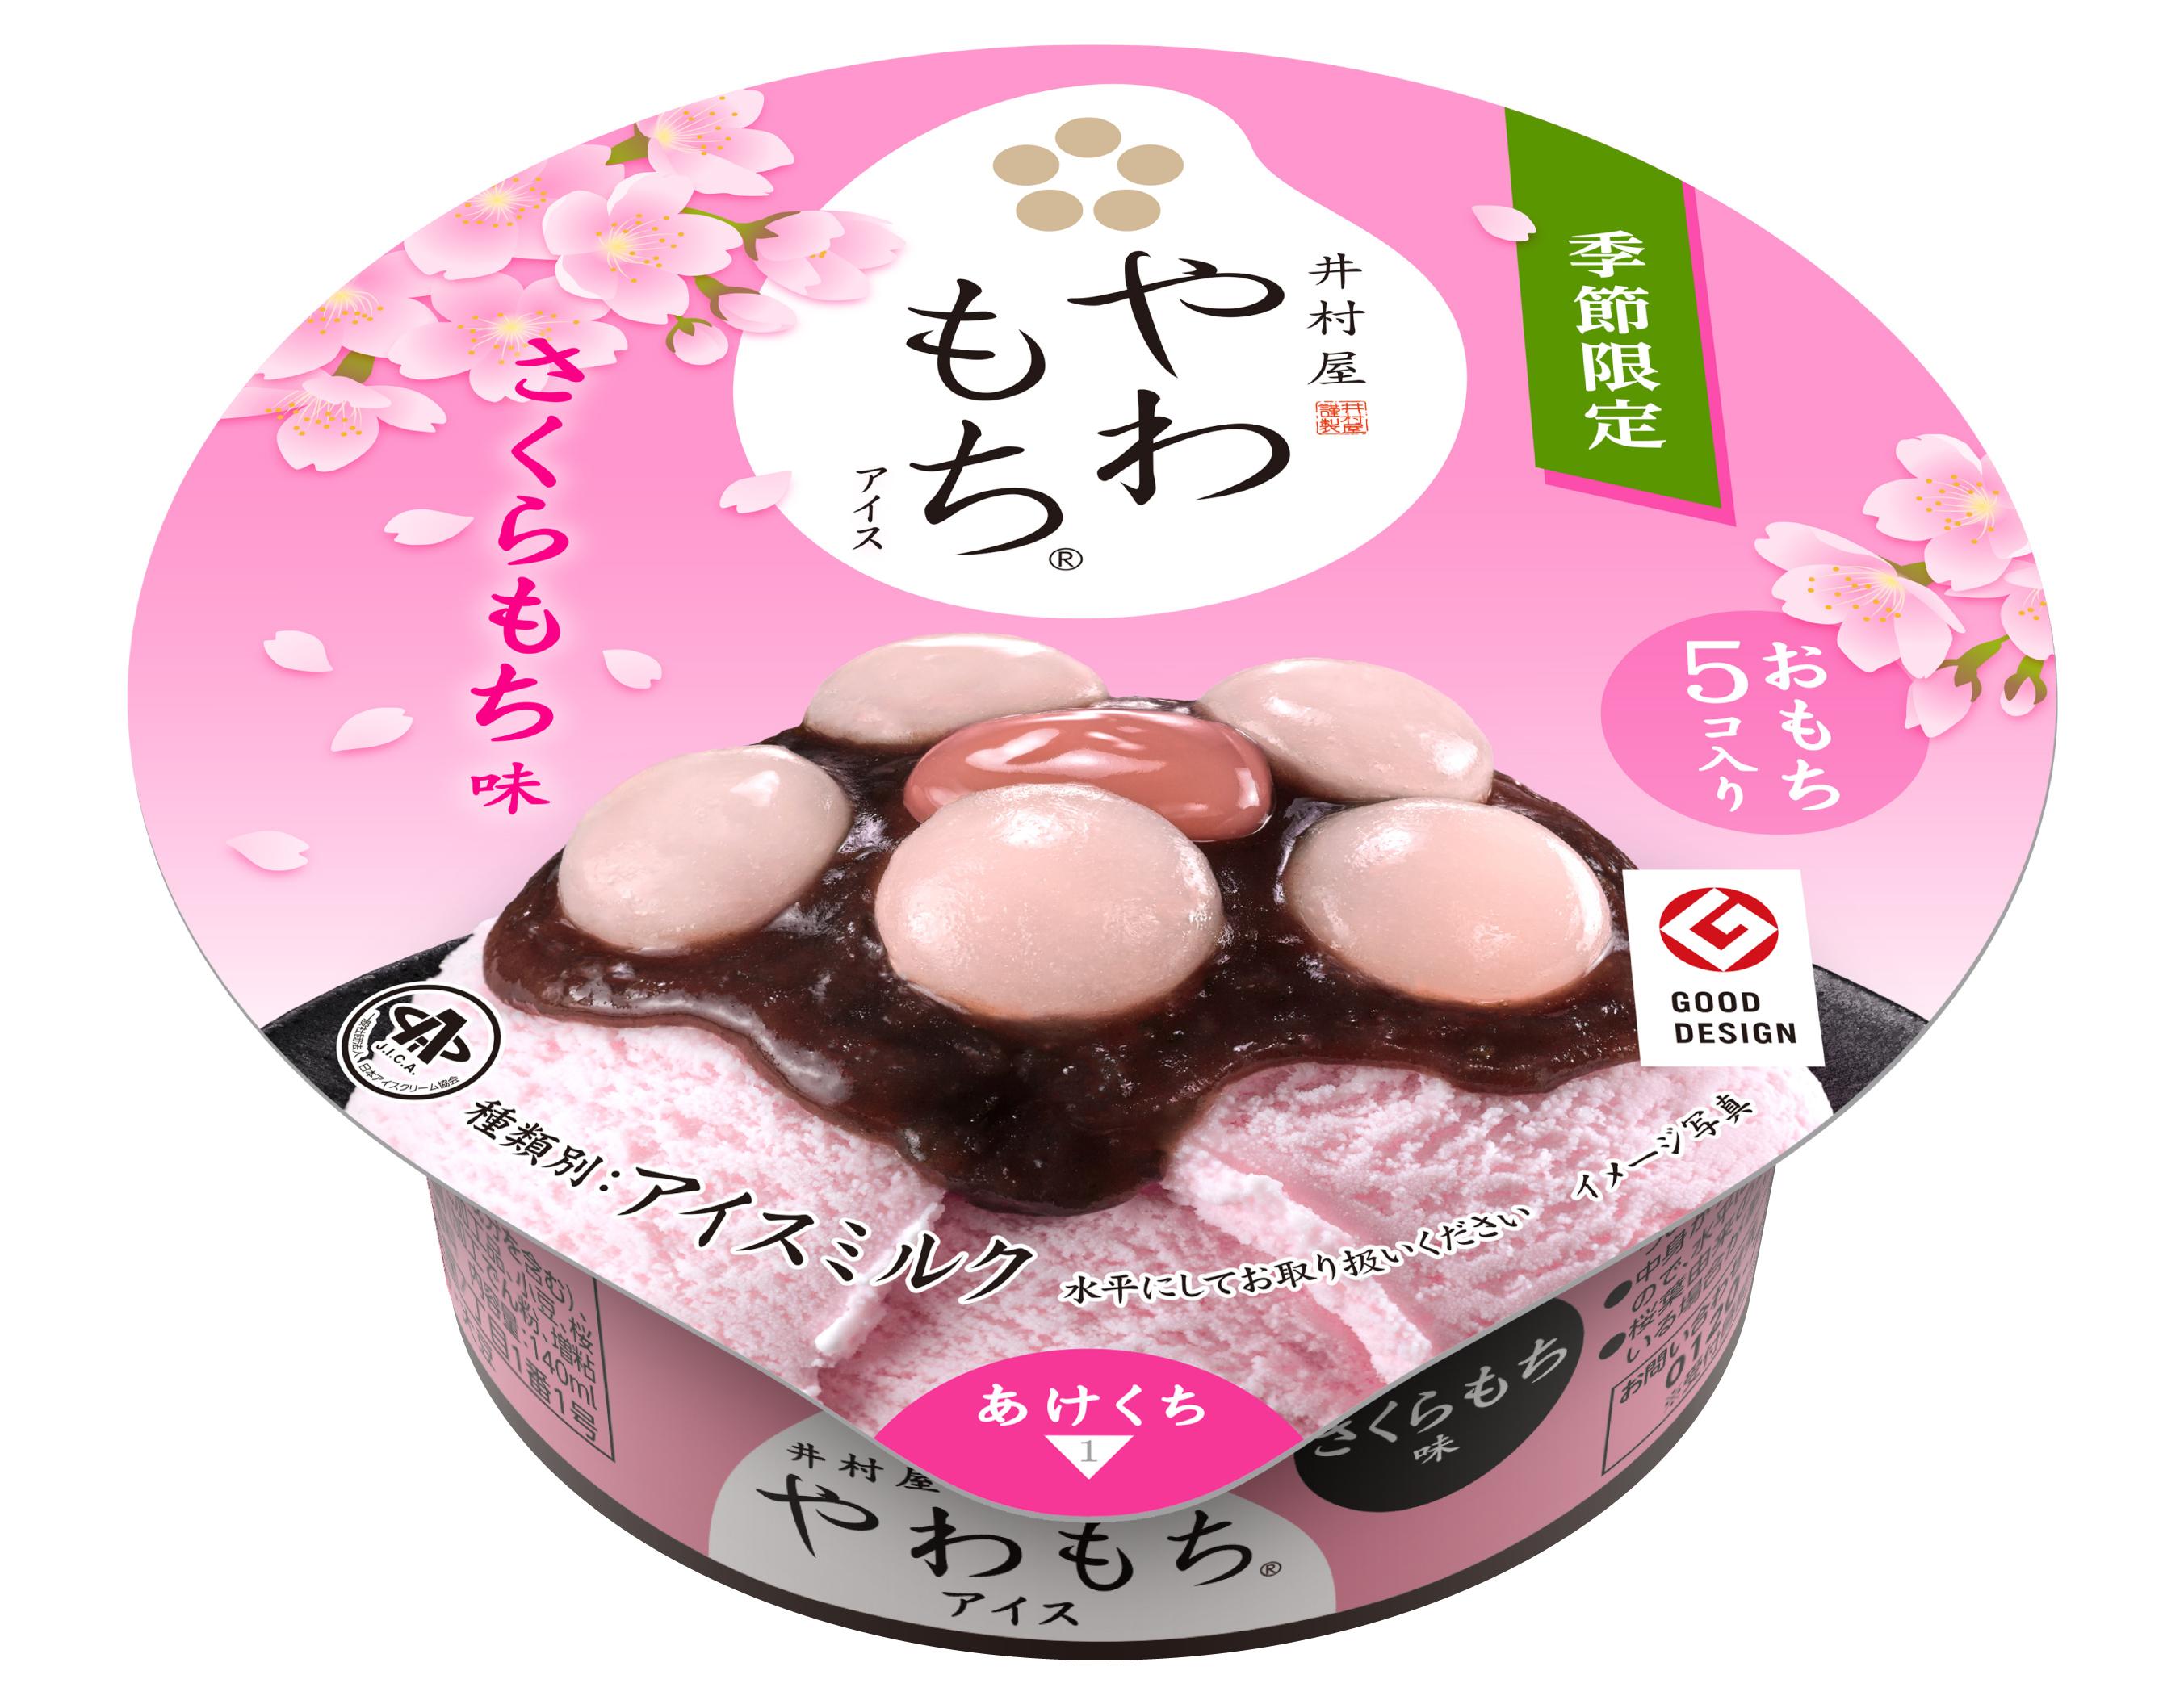 【井村屋 やわもちアイス】春に人気の桜フレーバーさくらもち味 を期間限定で新発売!🌸